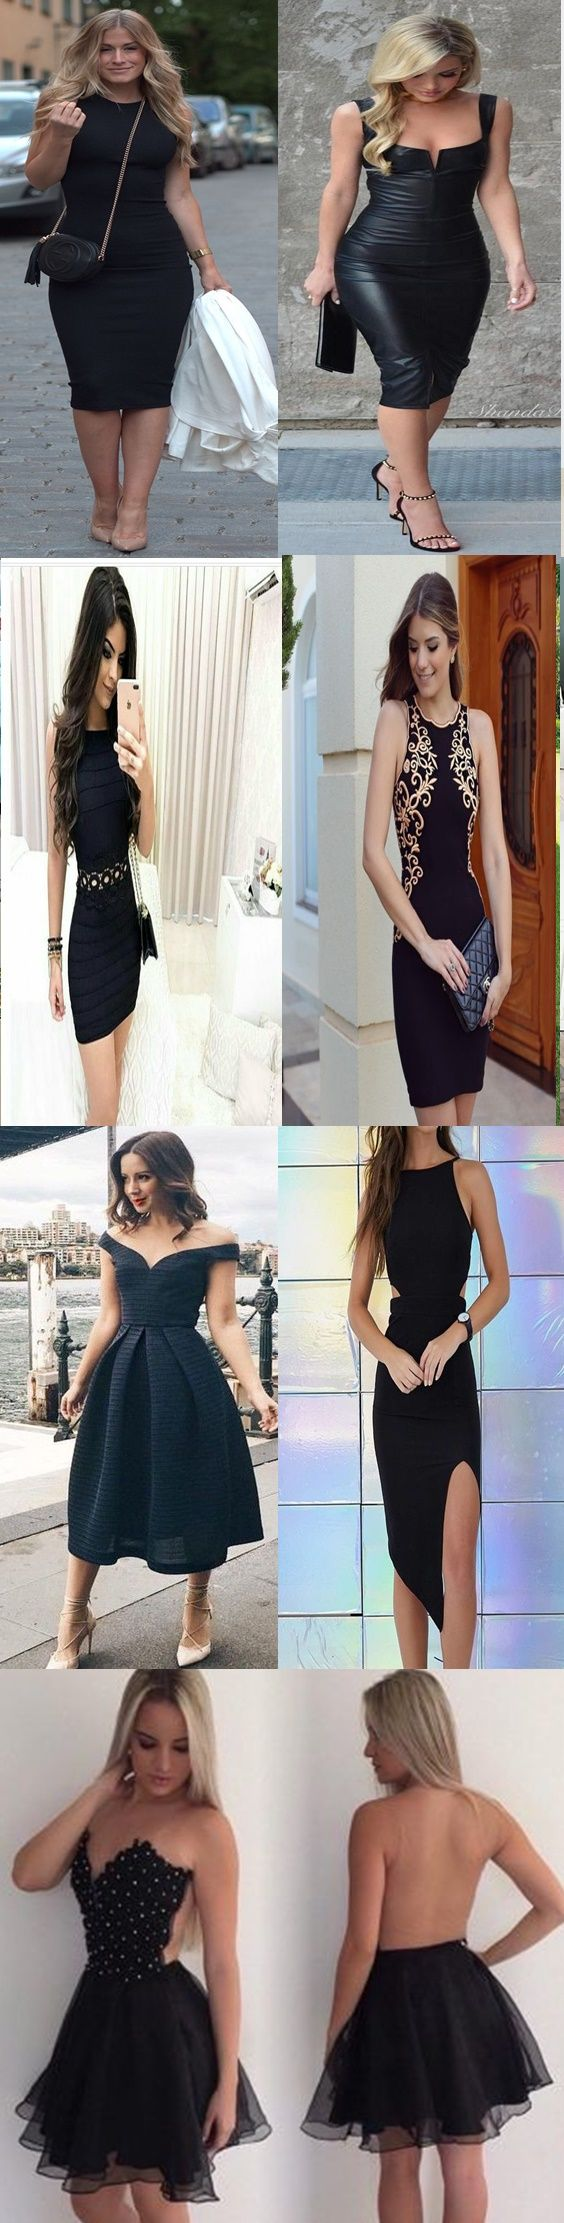 Muitas pessoas têm dúvidas de como usar vestidos pretos curtos para festa. Apesar de ser um clássico e perfeito para todas as ocasiões, os vestidos pretos com o comprimento menor precisa ser escolhido com cuidado para ficar adequado para o ambiente de festa.